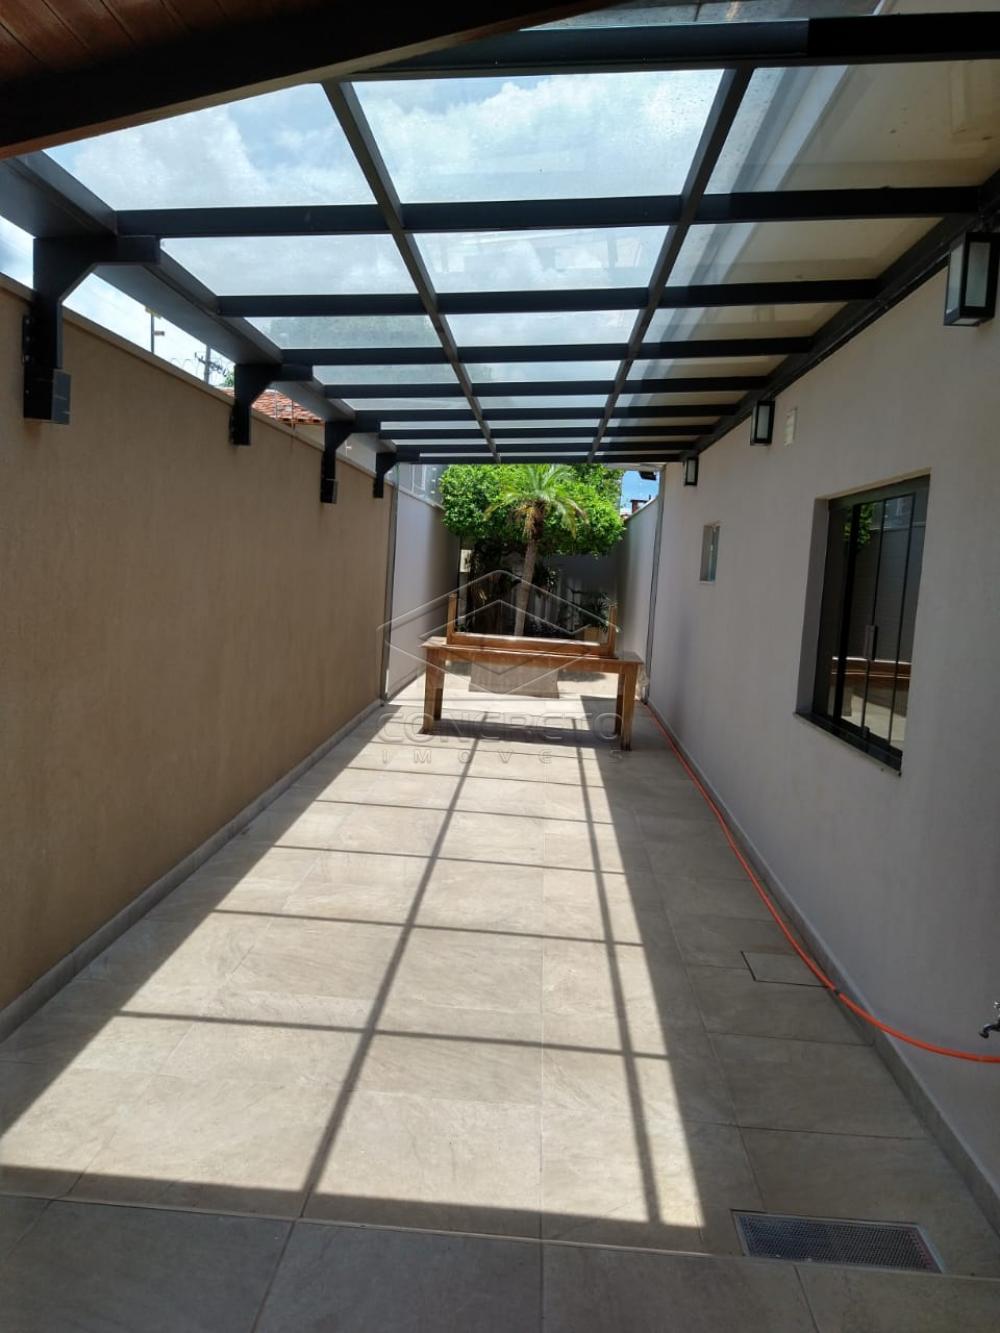 Alugar Casa / Residencia em Lençóis Paulista apenas R$ 4.000,00 - Foto 9